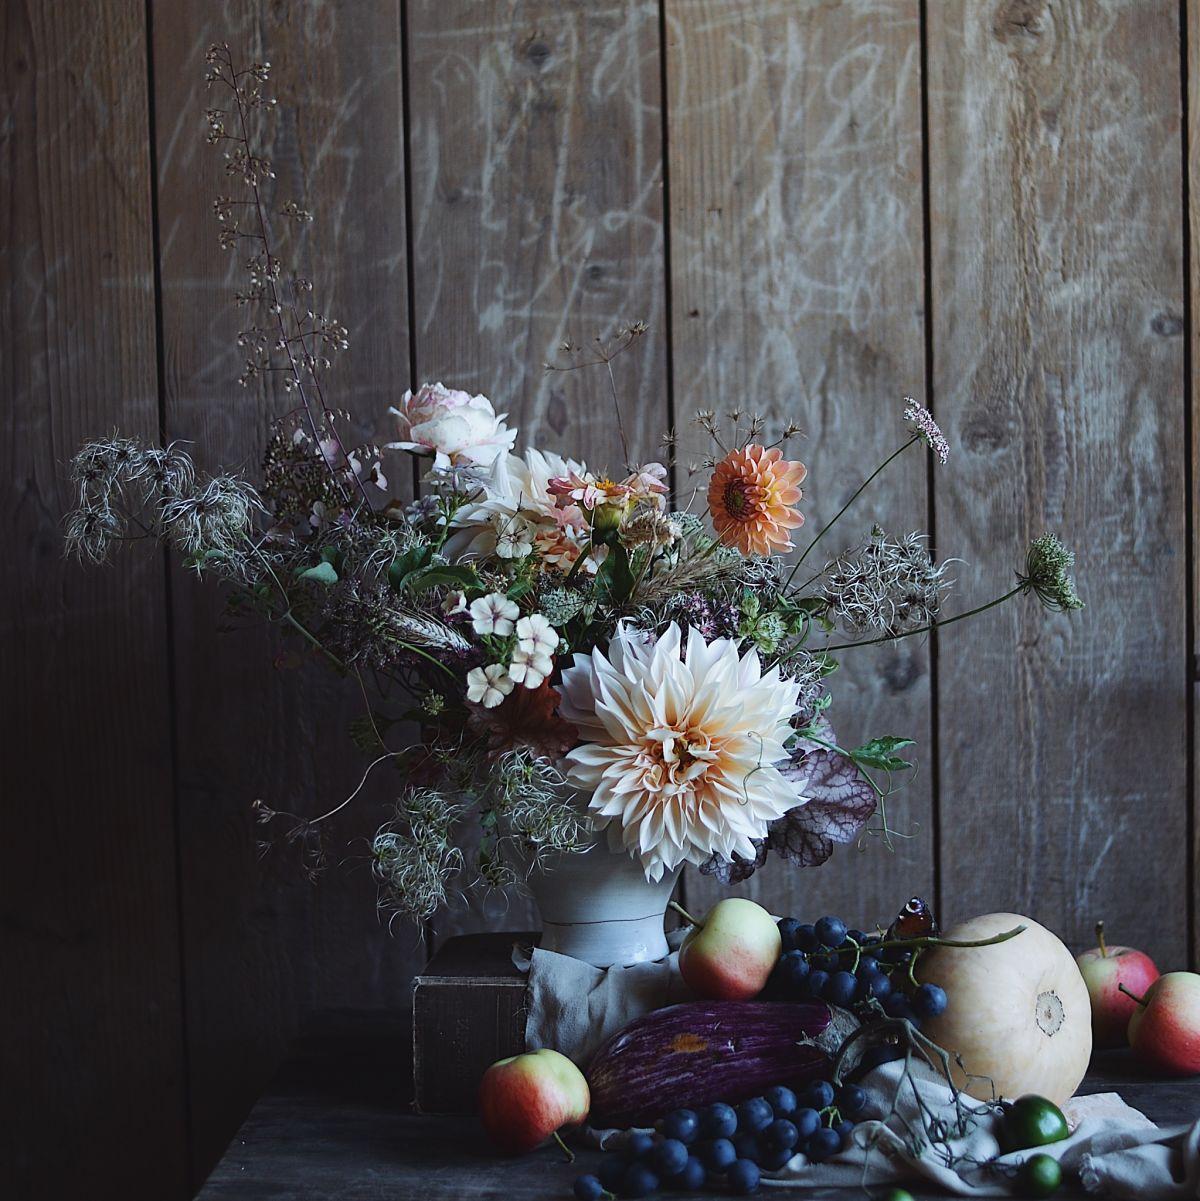 iko_flowers_herbst_9_opt.jpg